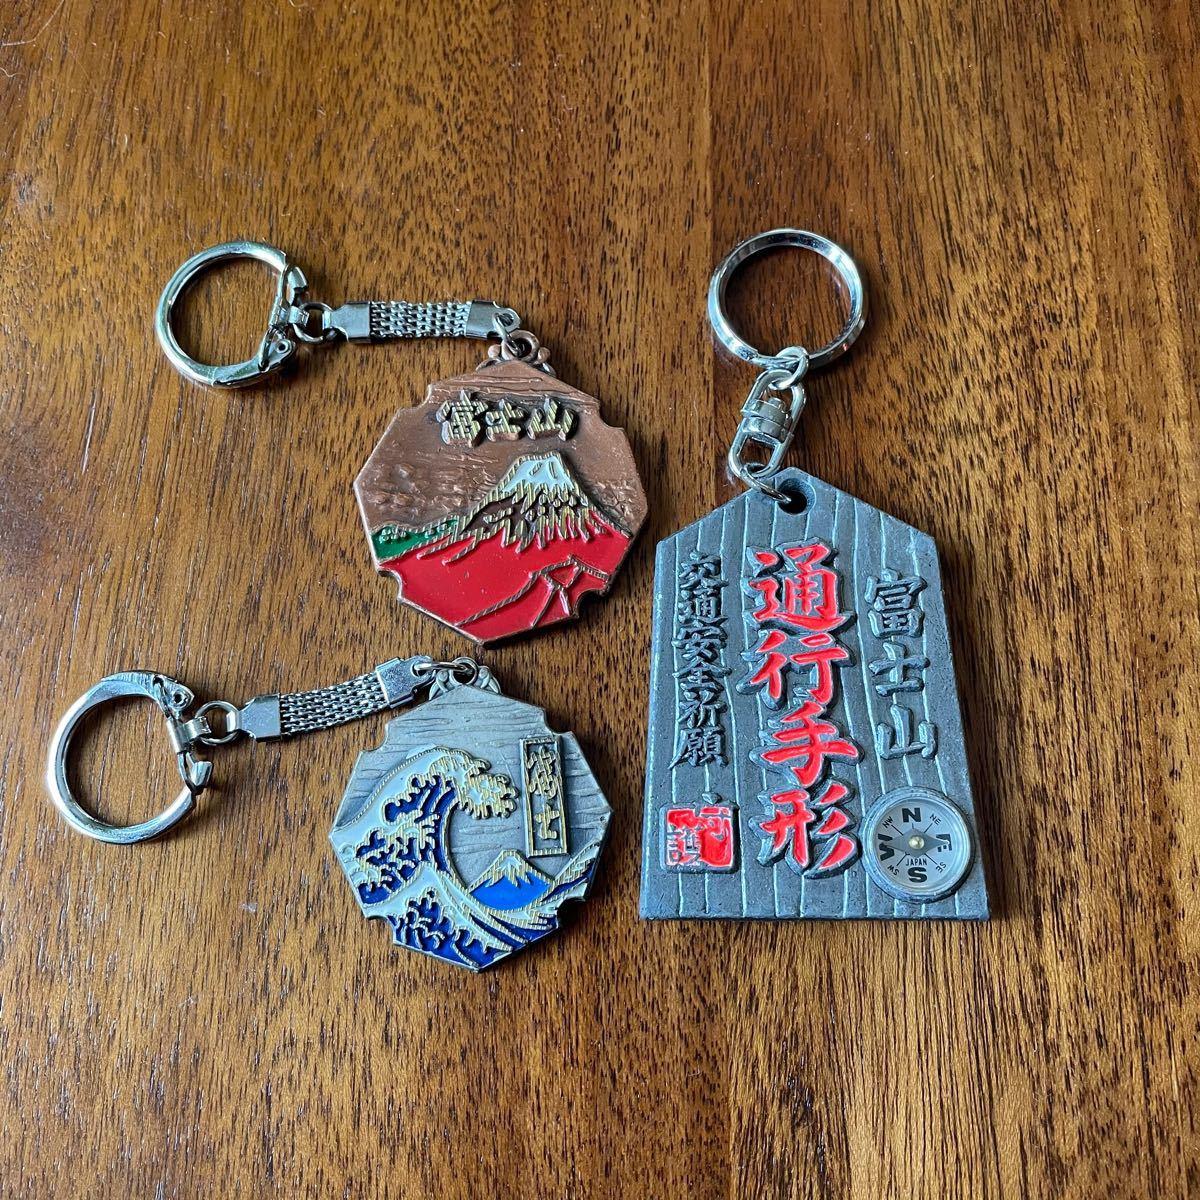 《キーホルダー》富士山キーホルダー 3個セット